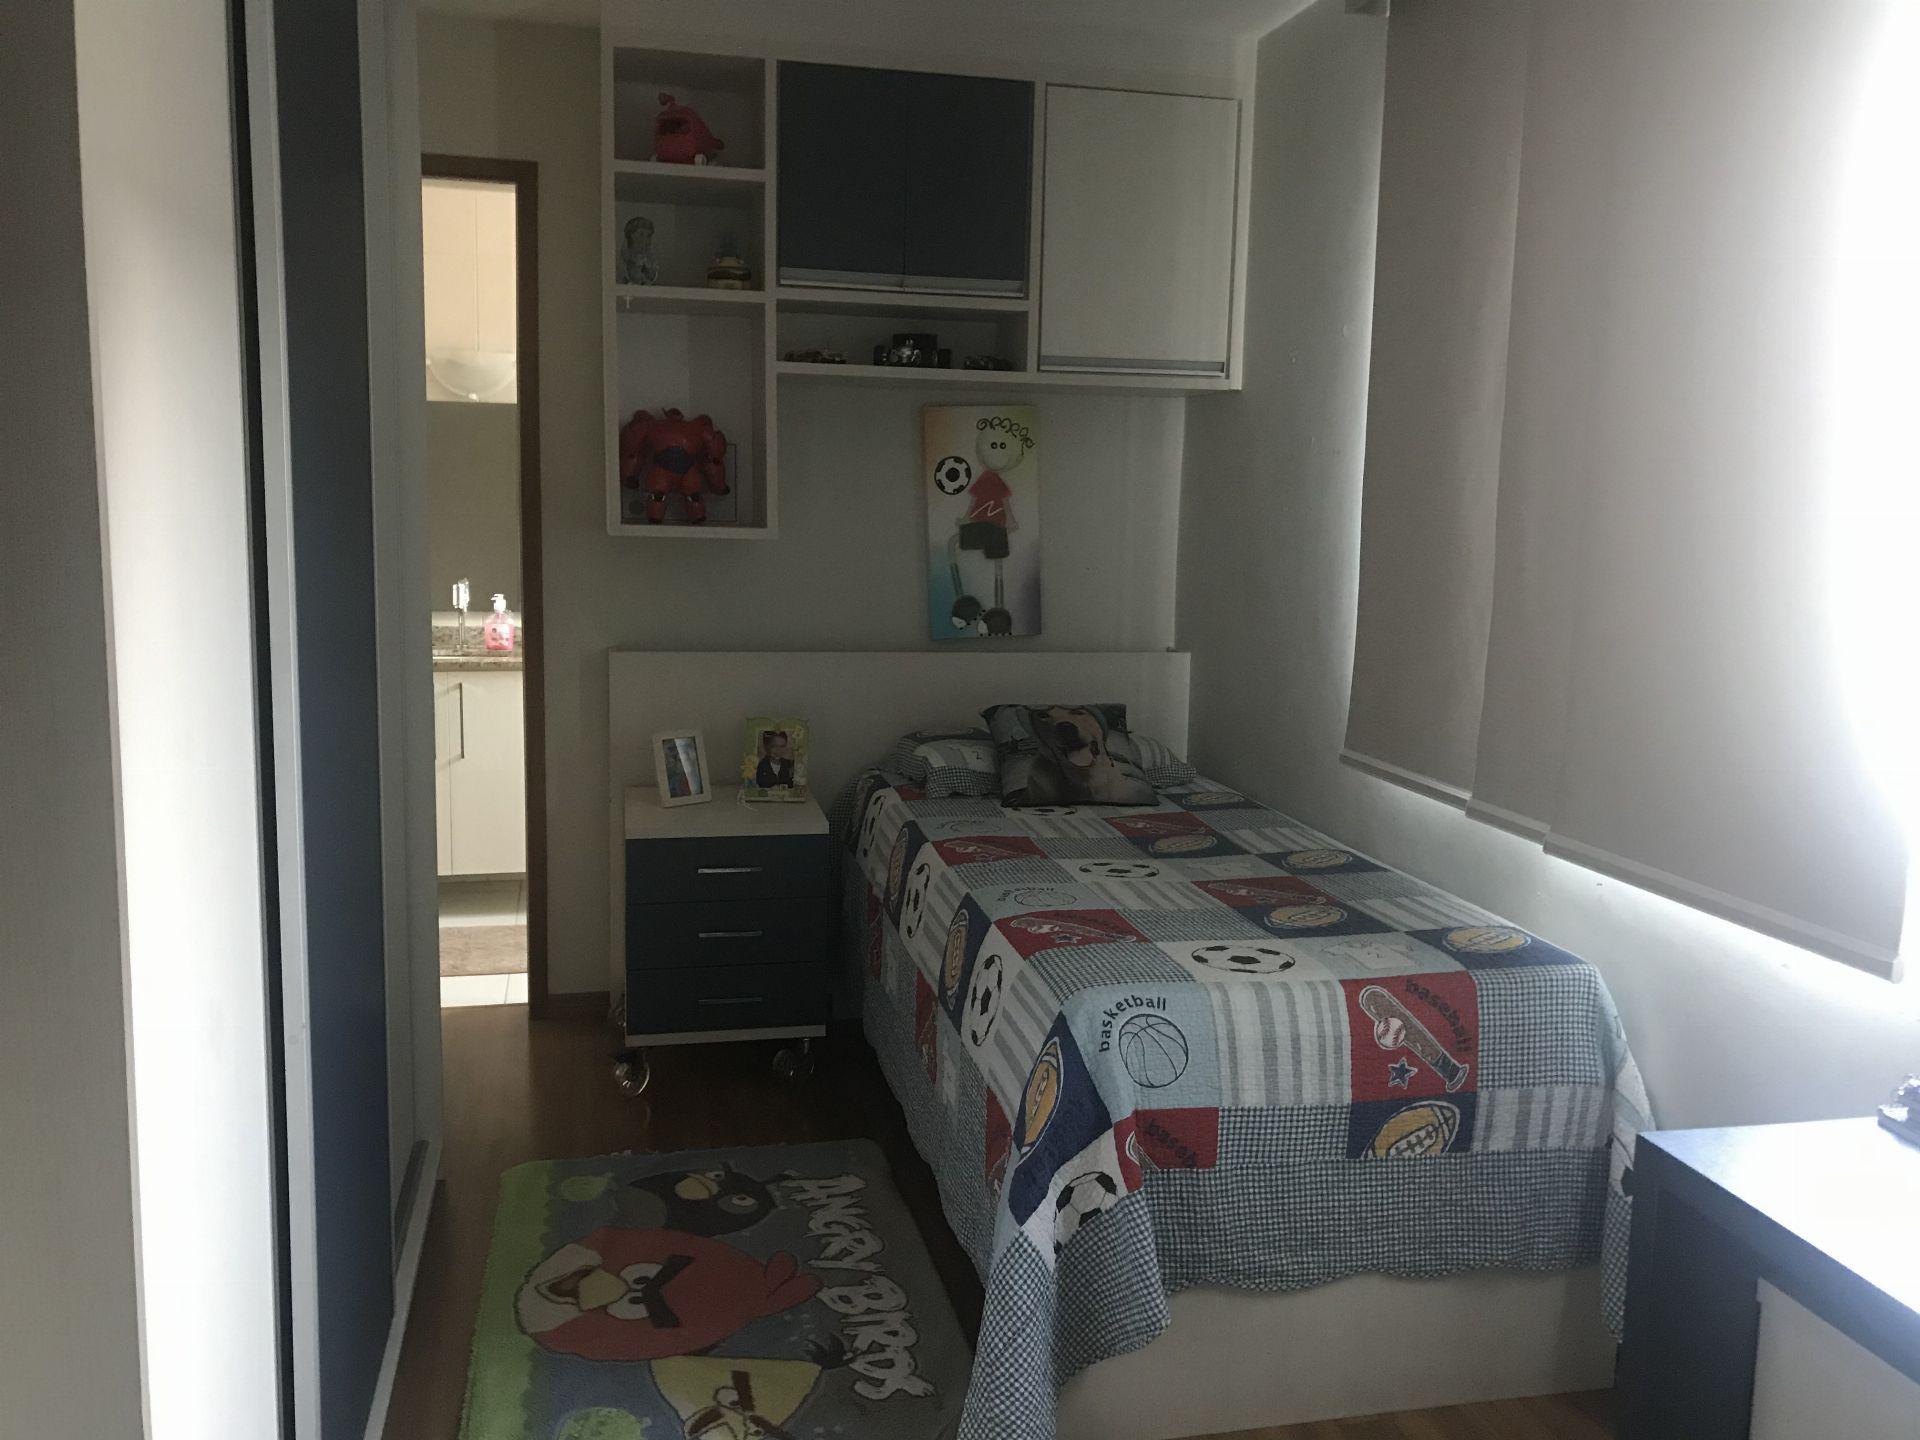 FOTO 12 - Apartamento à venda Rua Rosário Oeste,Vila Valqueire, Rio de Janeiro - R$ 990.000 - RF133 - 13